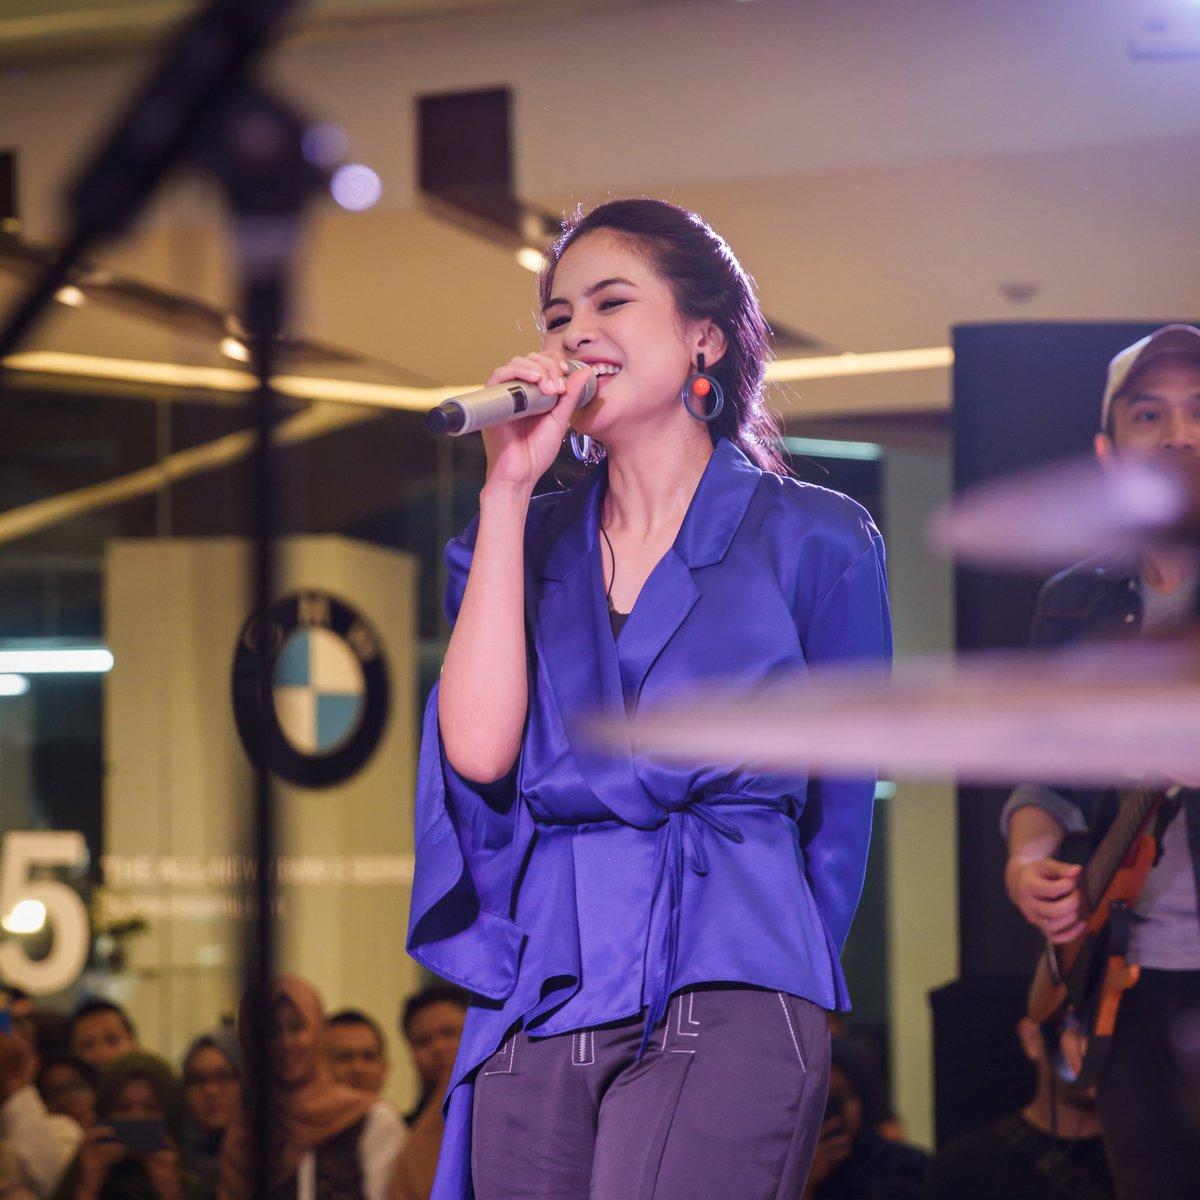 """#snapshot Maudy Ayunda performance at event """"StandardPen"""" #kreatifpastisukses 300319, Grand City Mal, Surabaya. #maudyayunda #maudears pic.twitter.com/DfpX0s2i2Q – at Grand City , Surabaya"""